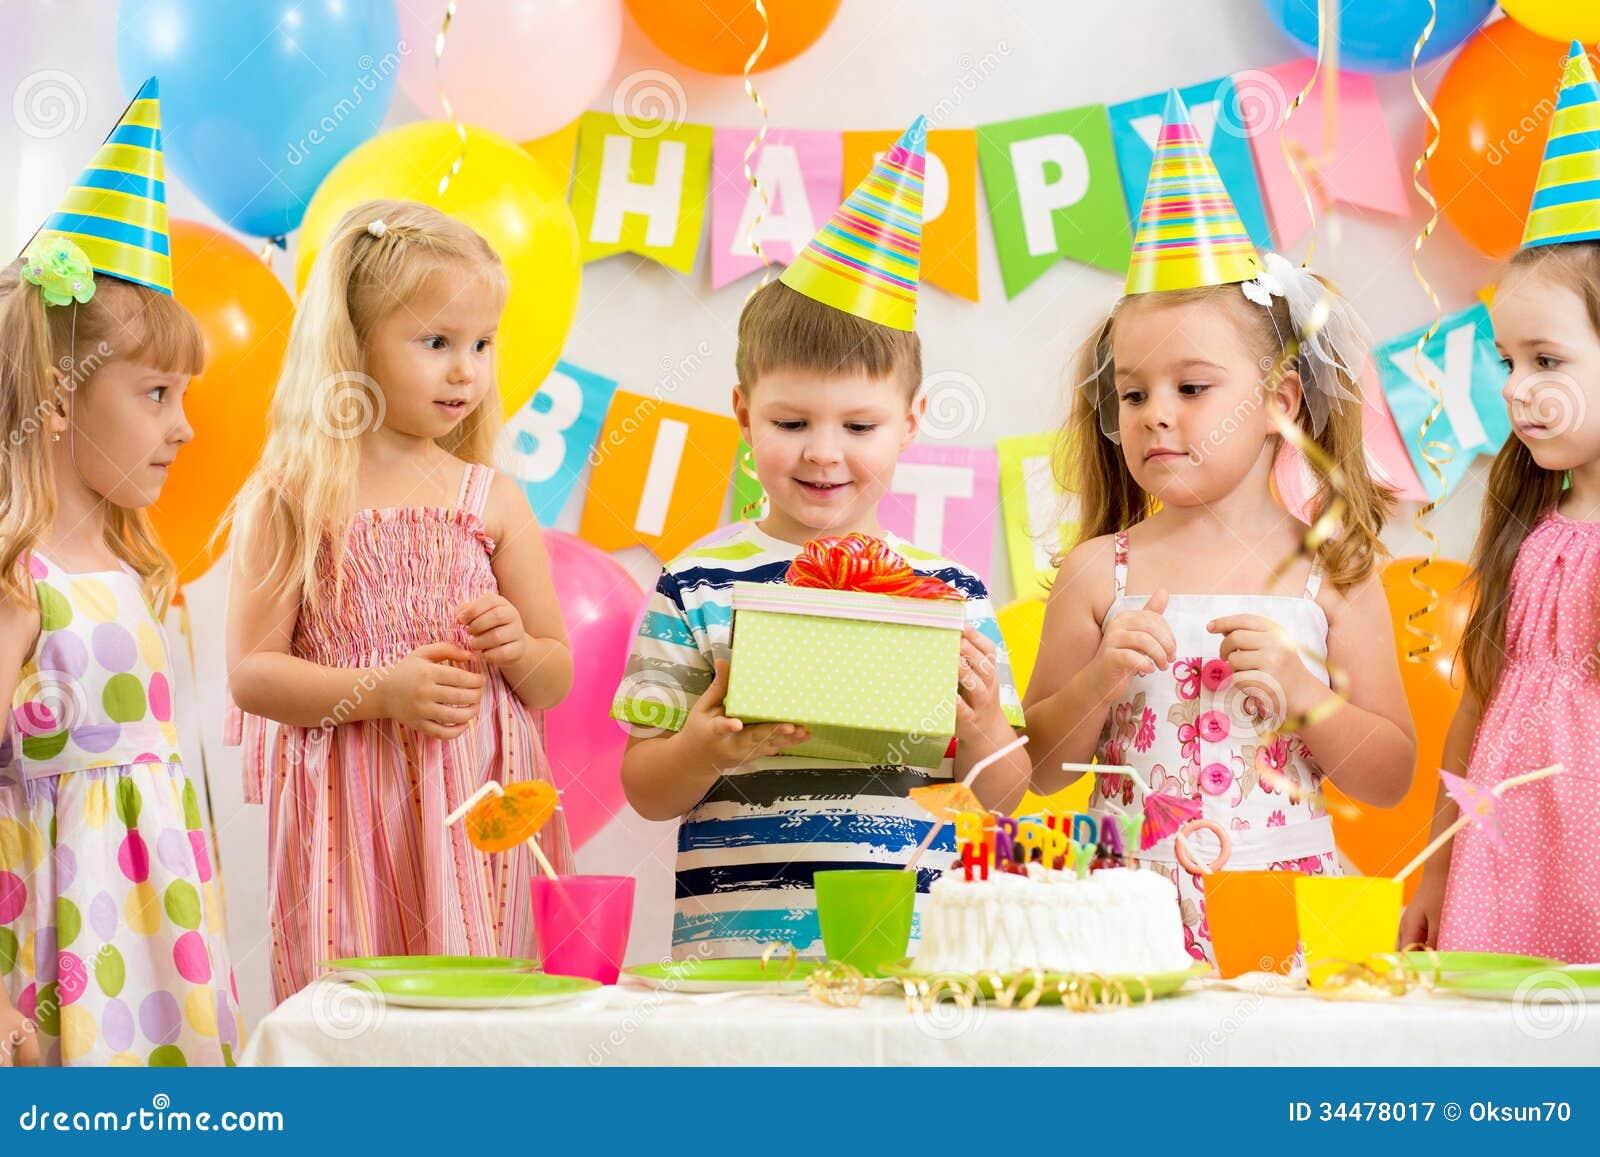 По случаю дня рождения или день рождения